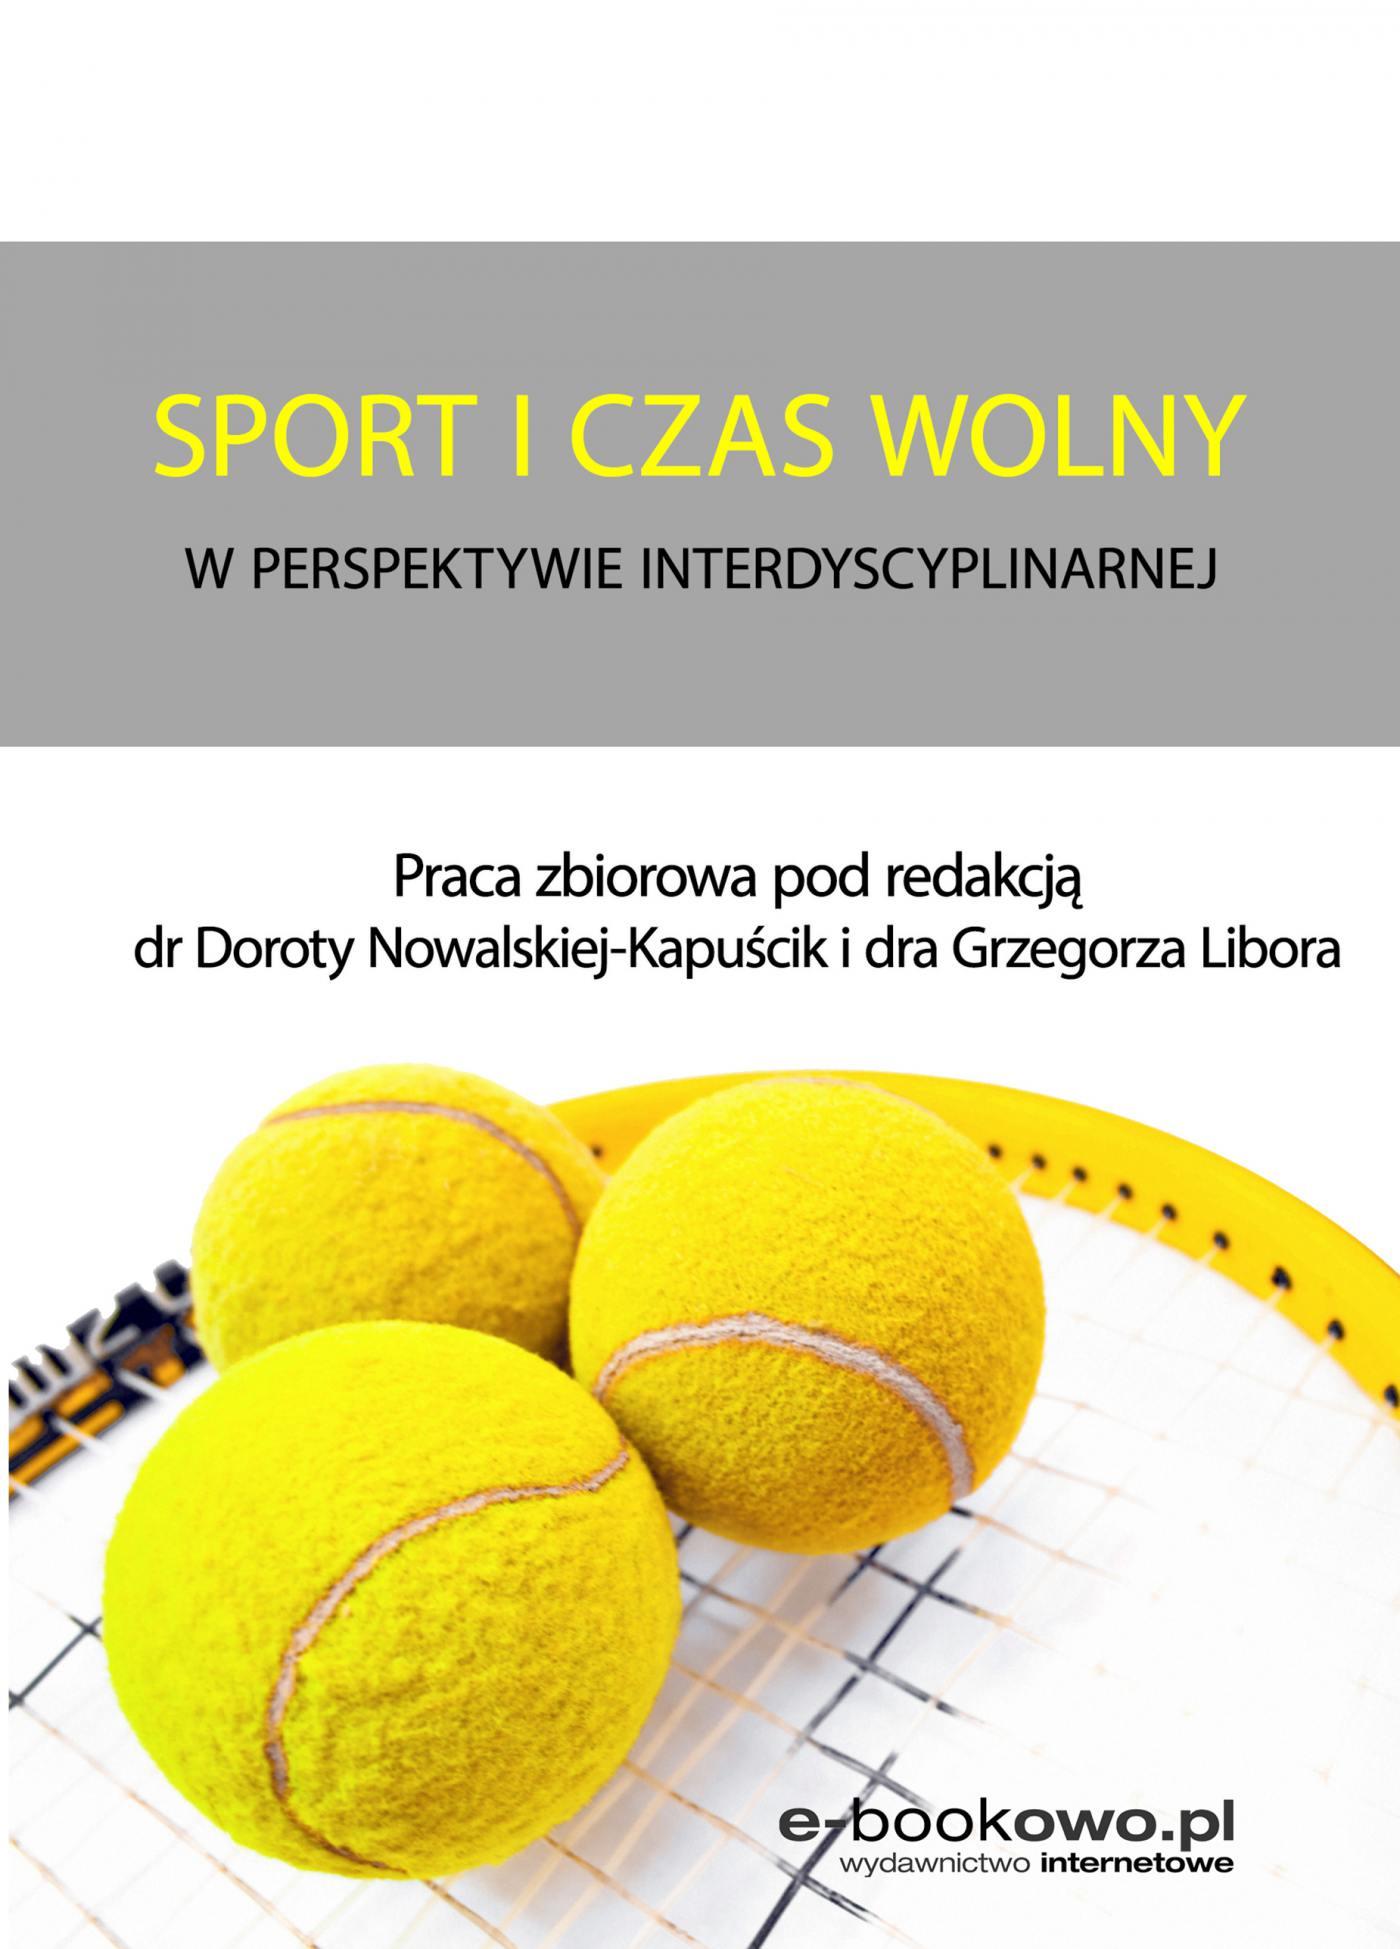 Sport i czas wolny w perspektywie interdyscyplinarnej - Ebook (Książka na Kindle) do pobrania w formacie MOBI